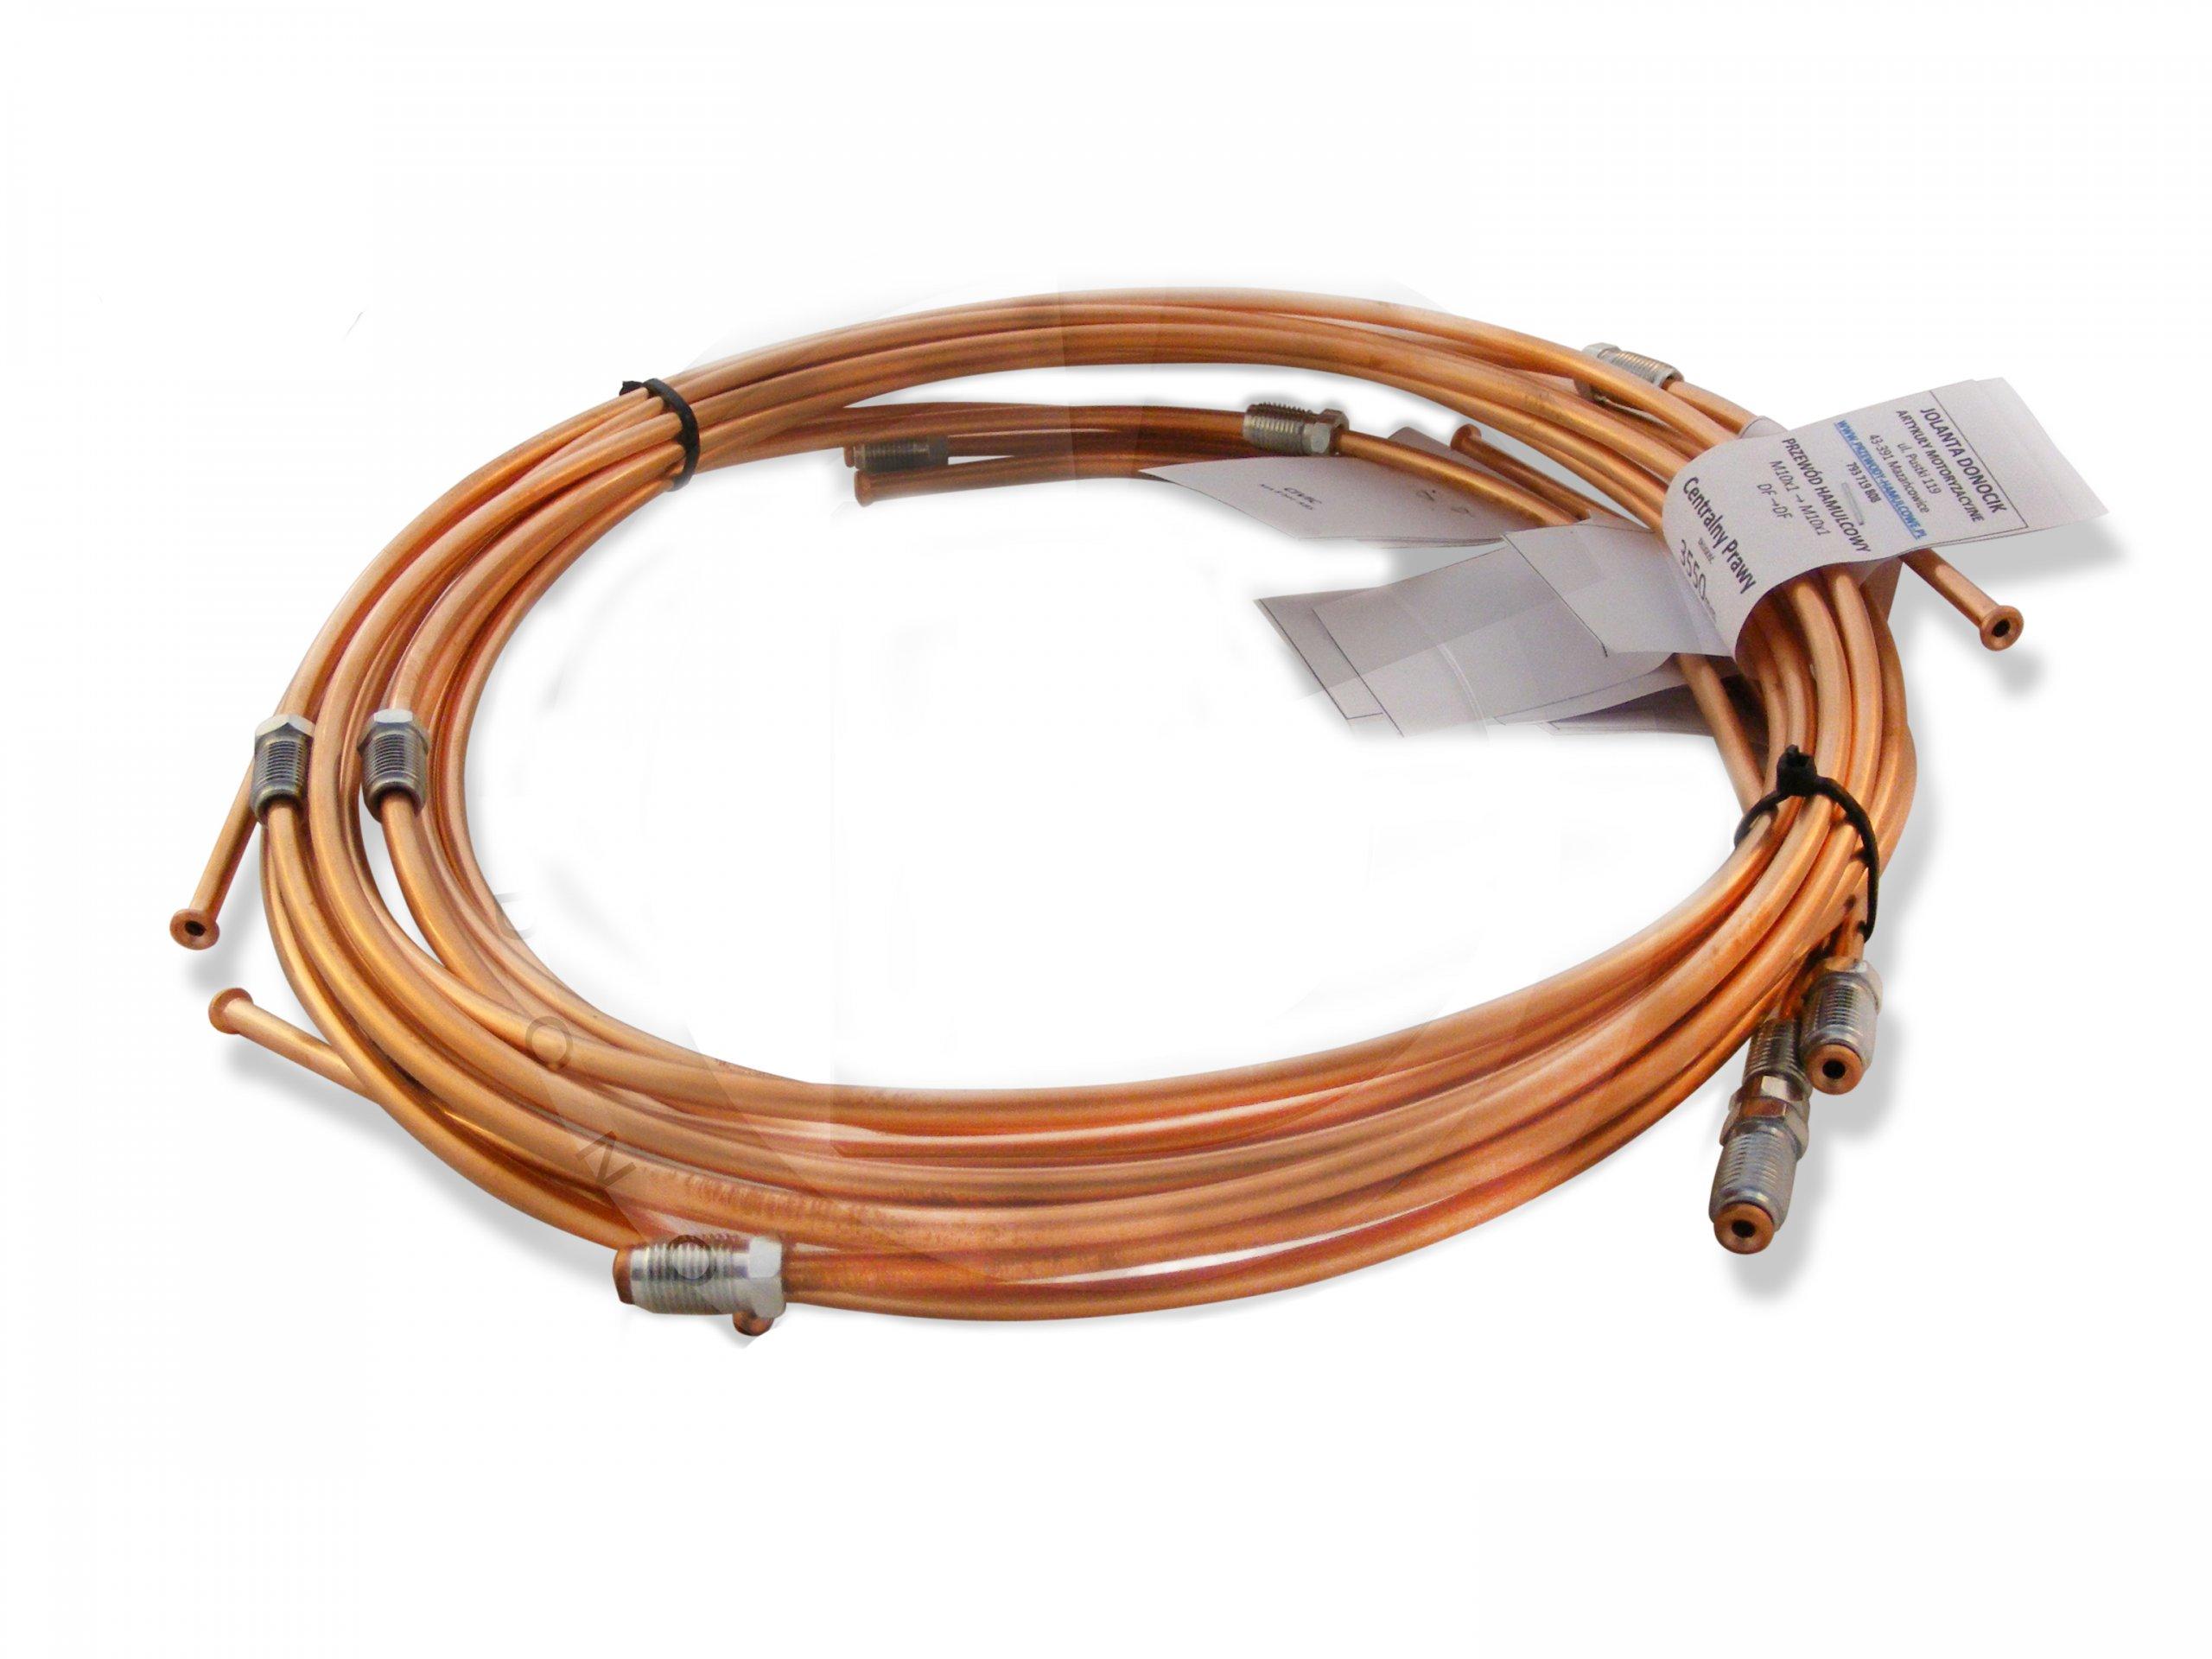 провода колодки жесткие astra g барабаны комплект